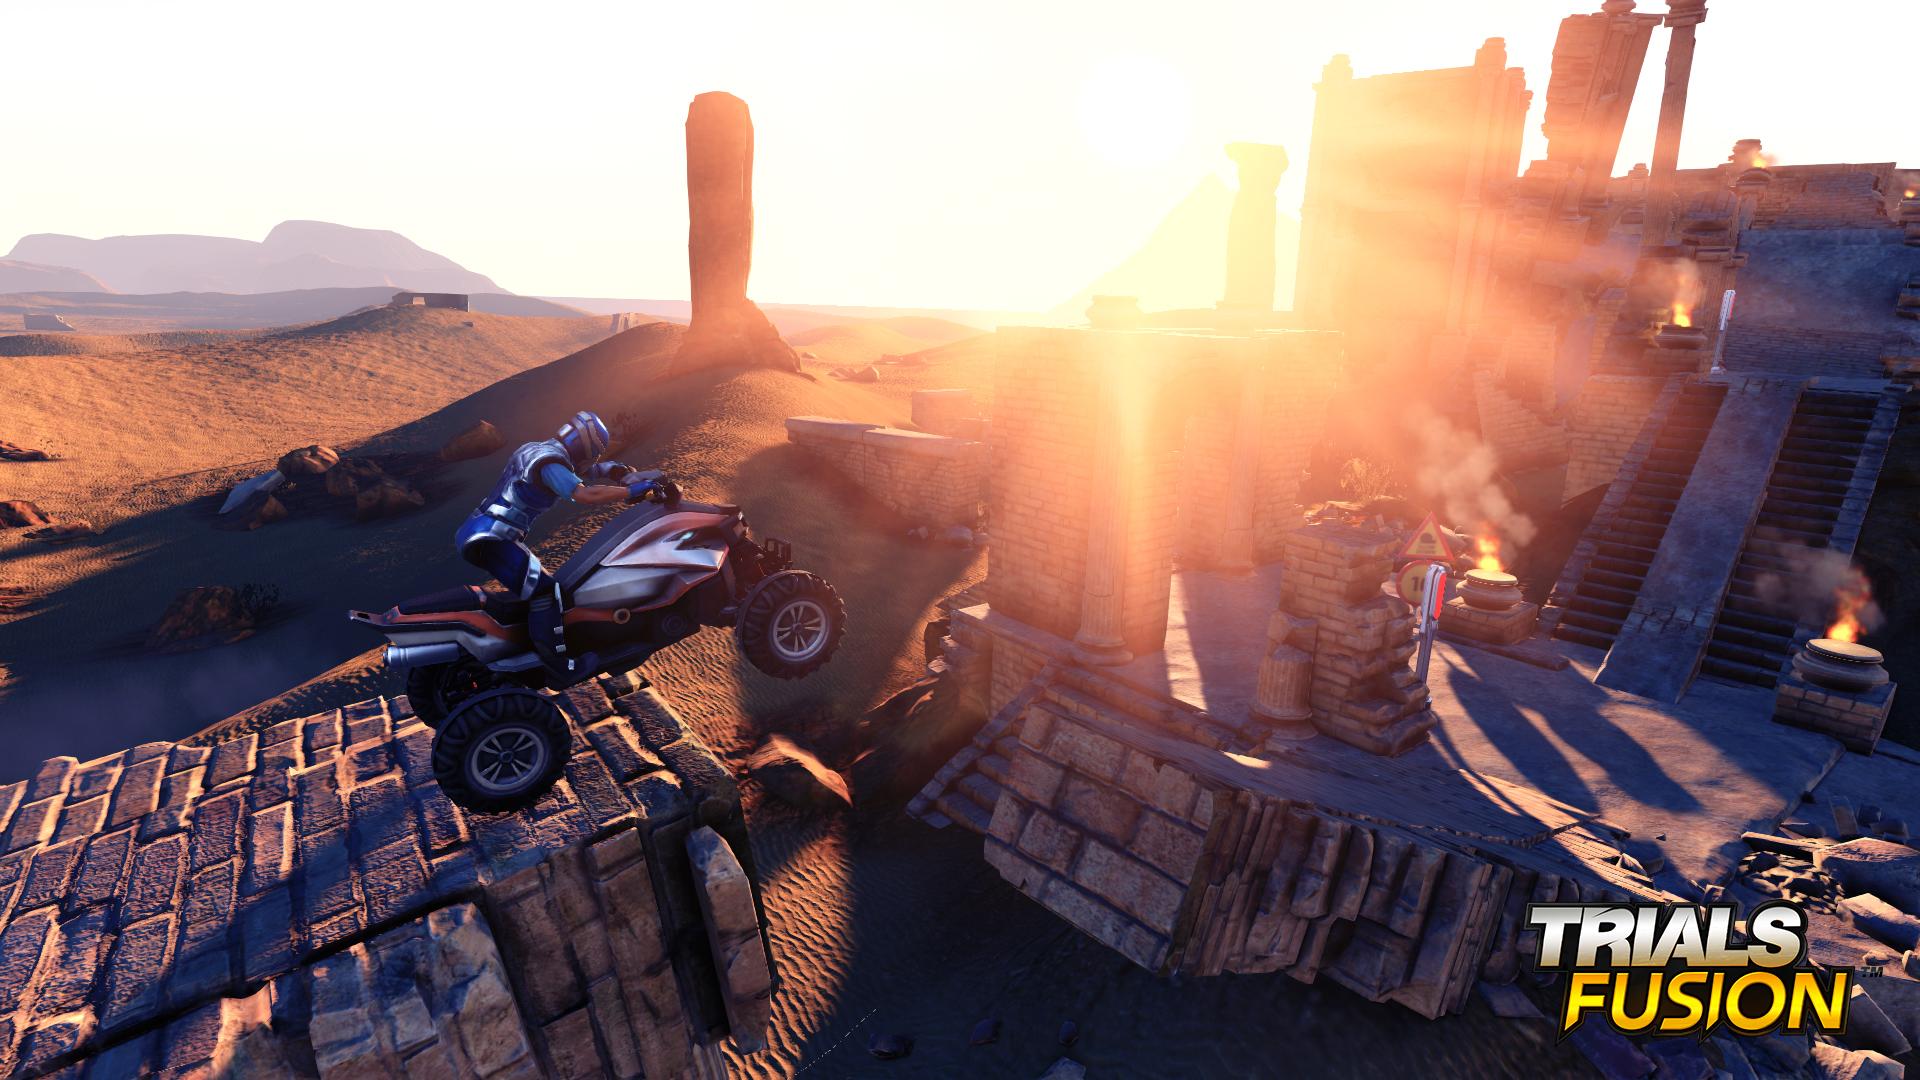 Bláznivé skoky v Trials Fusion 93971